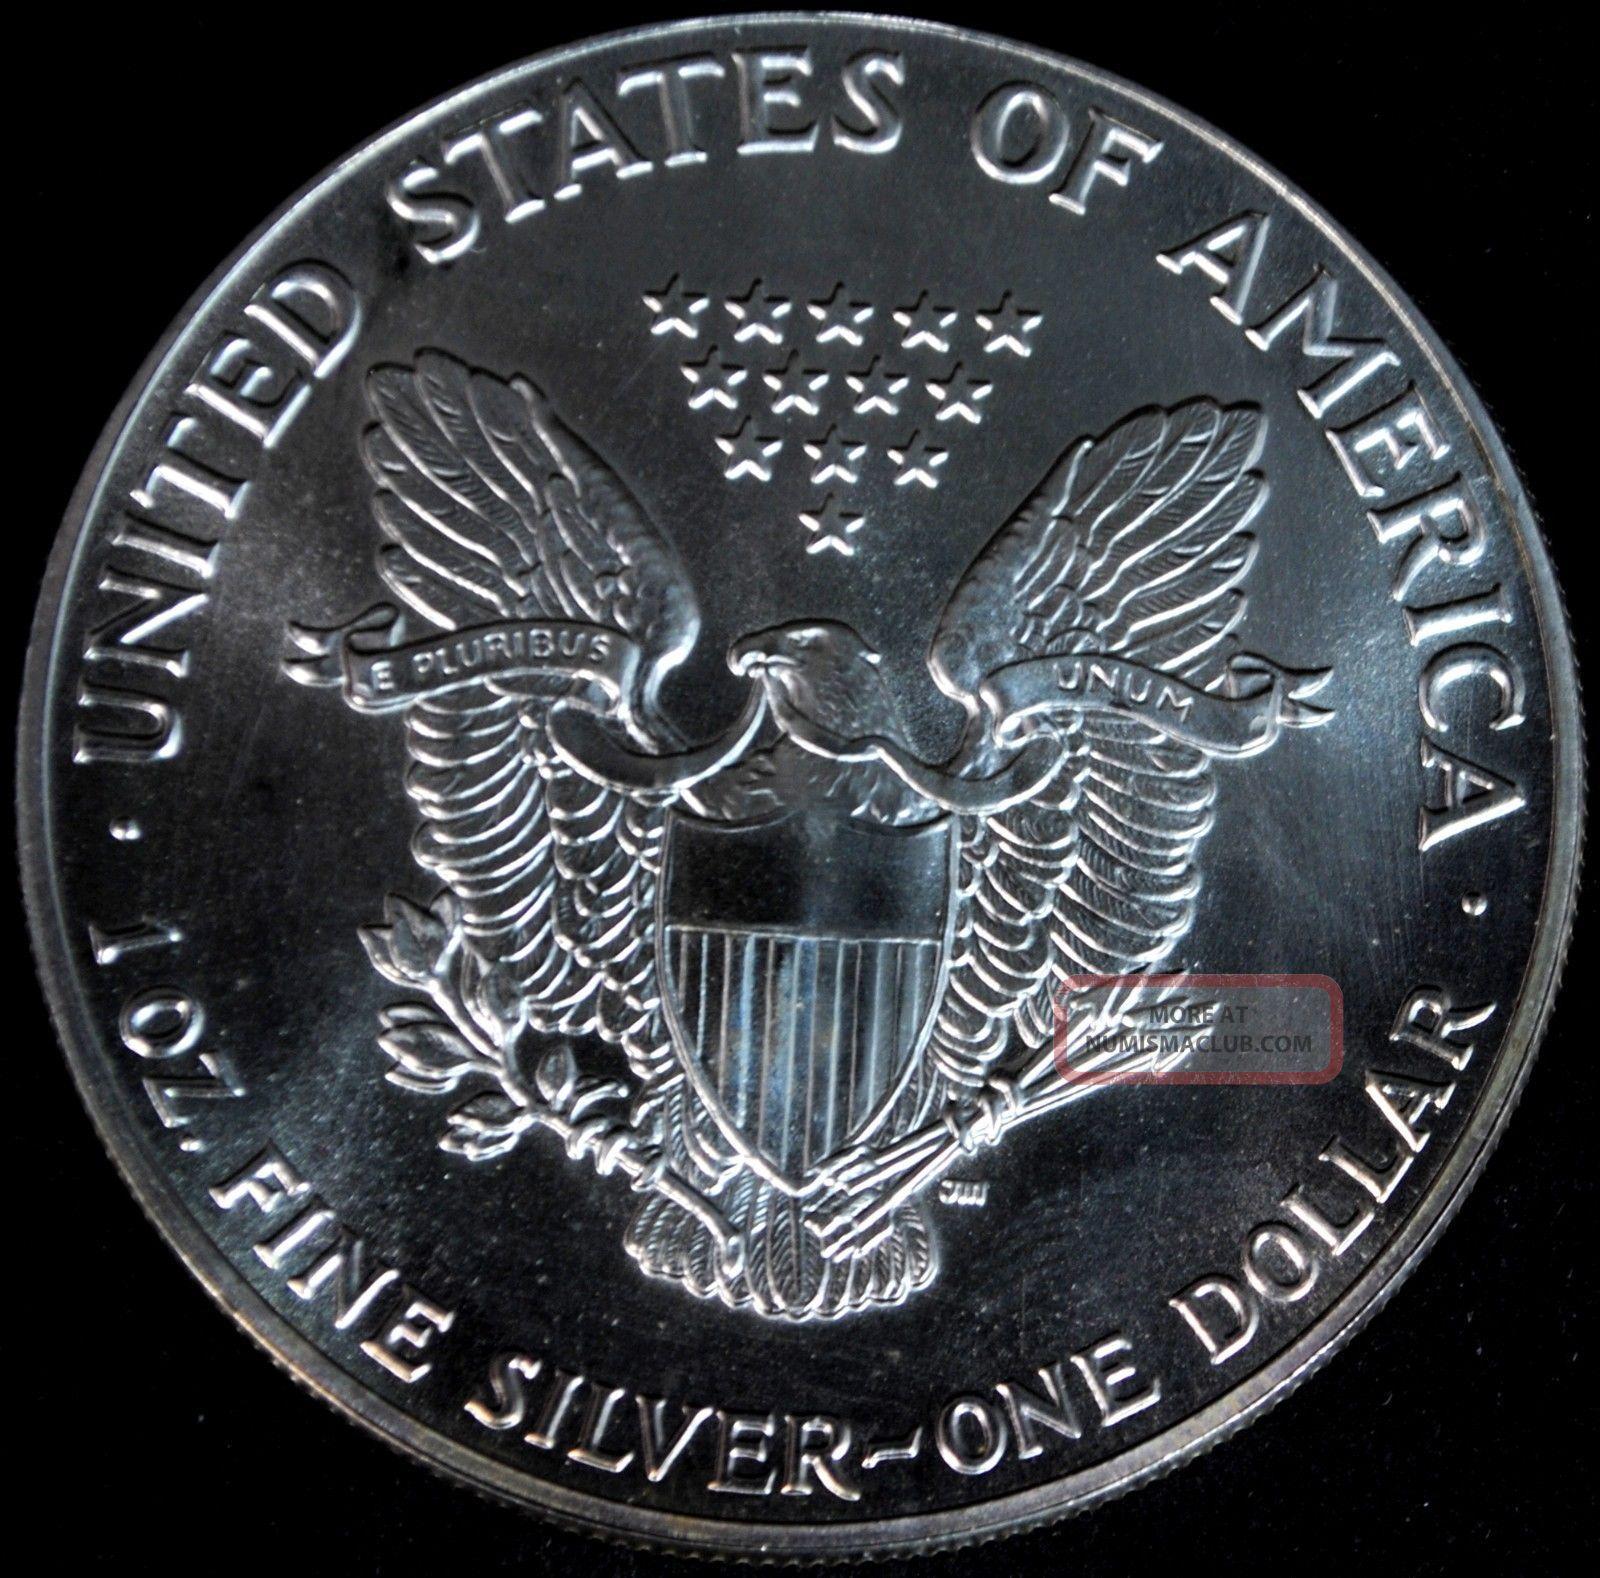 1987 Silver American Eagle 1 One Dollar Coin 1 Troy Oz